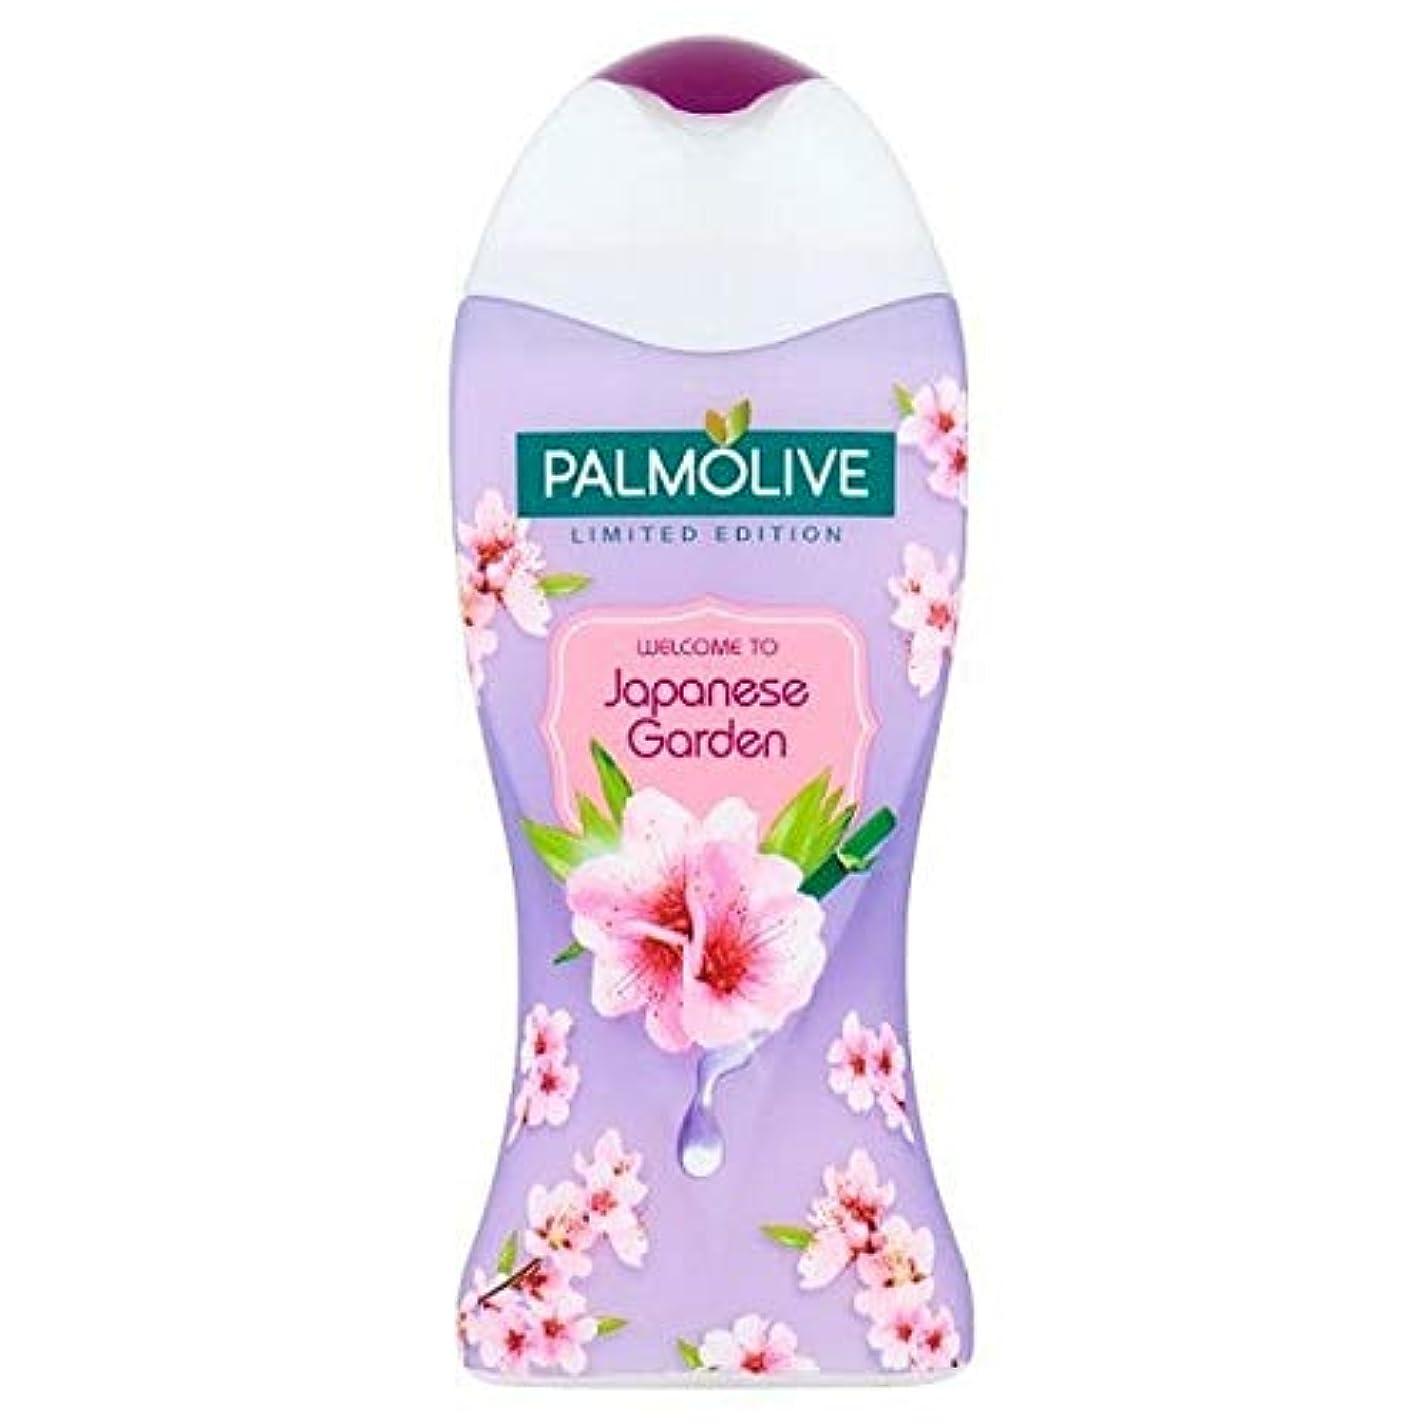 告白ブート特に[Palmolive ] パルモ日本庭園のシャワージェル250ミリリットル - Palmolive Japanese Garden Shower Gel 250ml [並行輸入品]